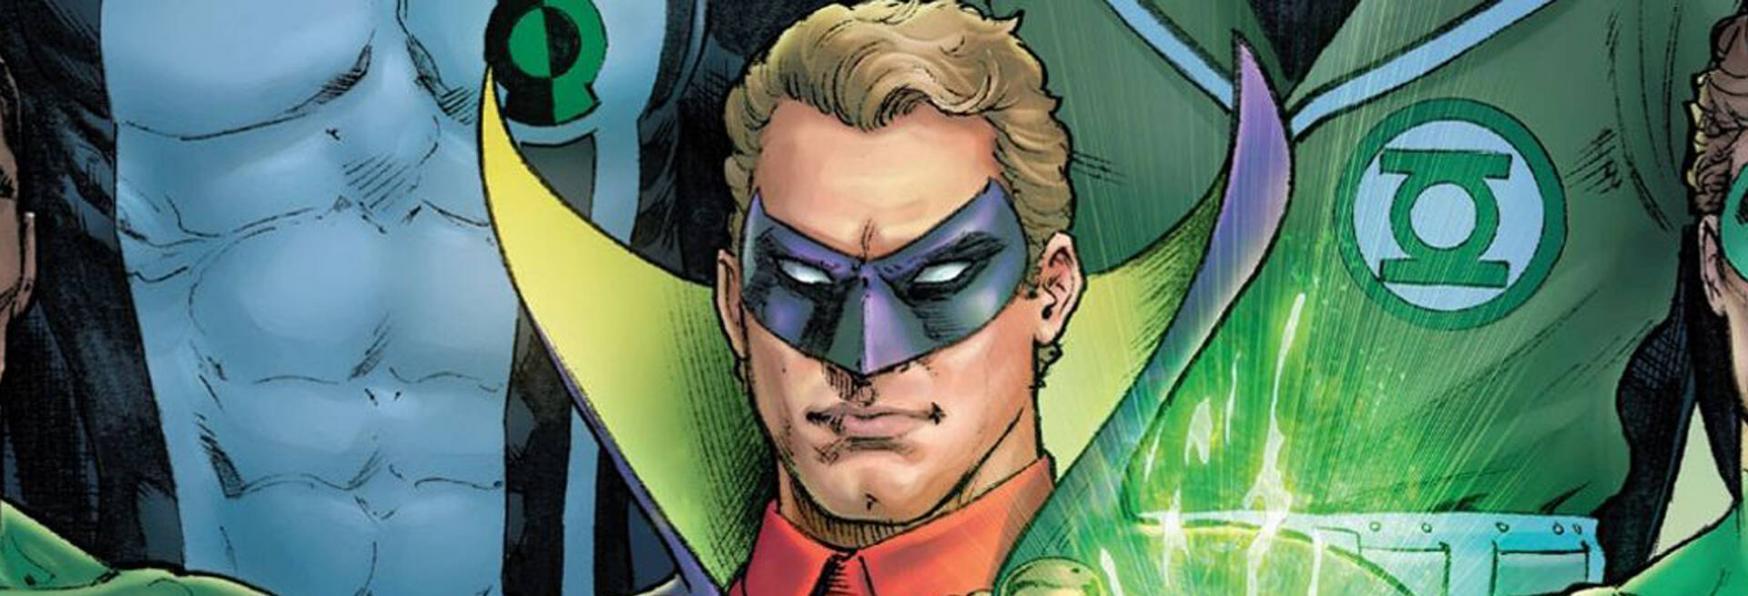 Green Lantern: scelto l'Attore che interpreterà uno dei Protagonisti della nuova Serie TV HBO?